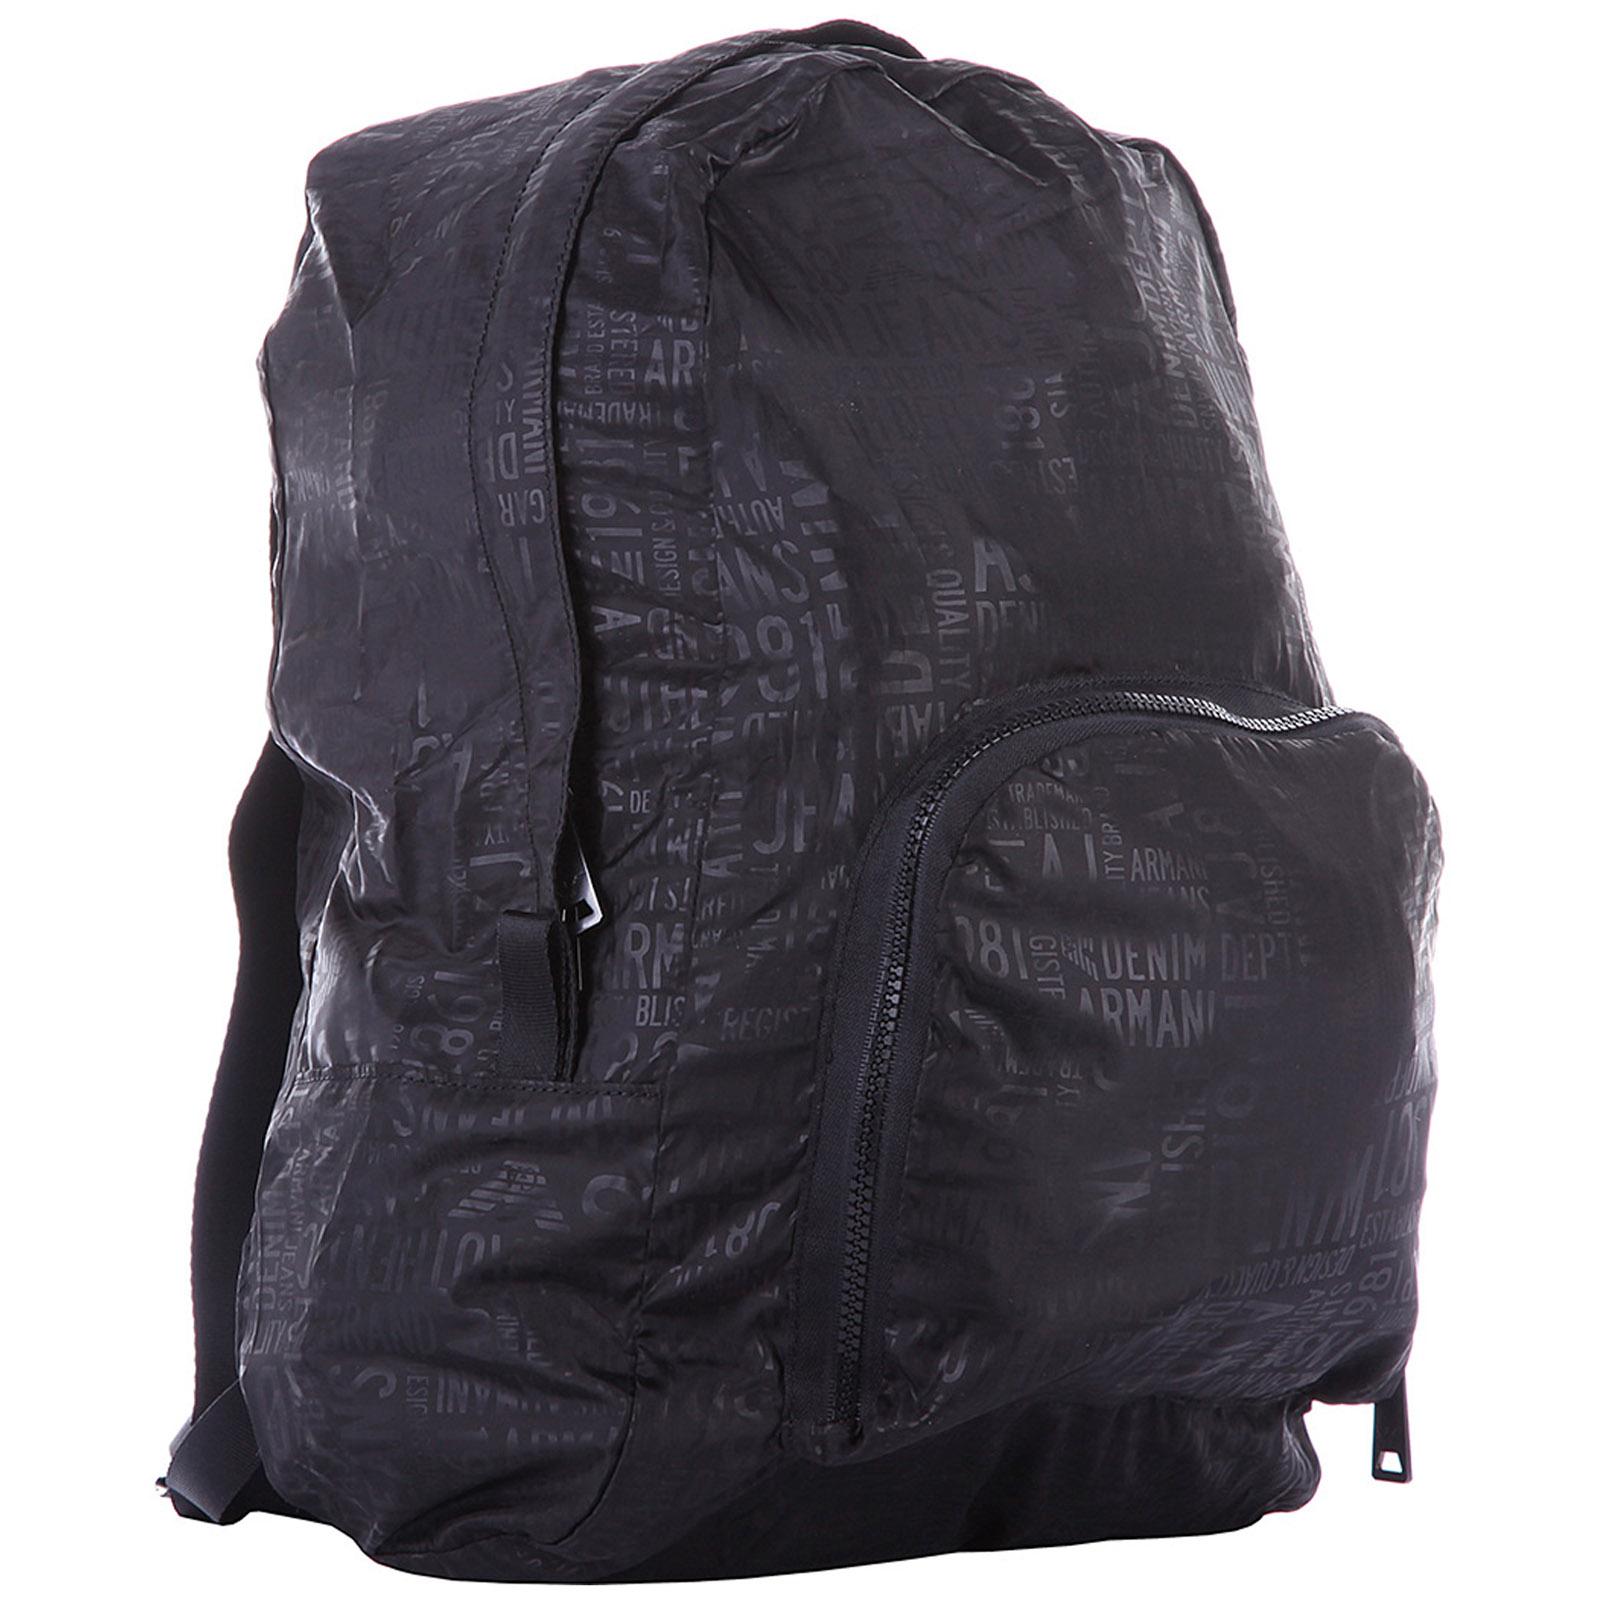 Sacs à dos Armani Jeans C6254 S4 12 nero   FRMODA.com a44fcd5a4a6